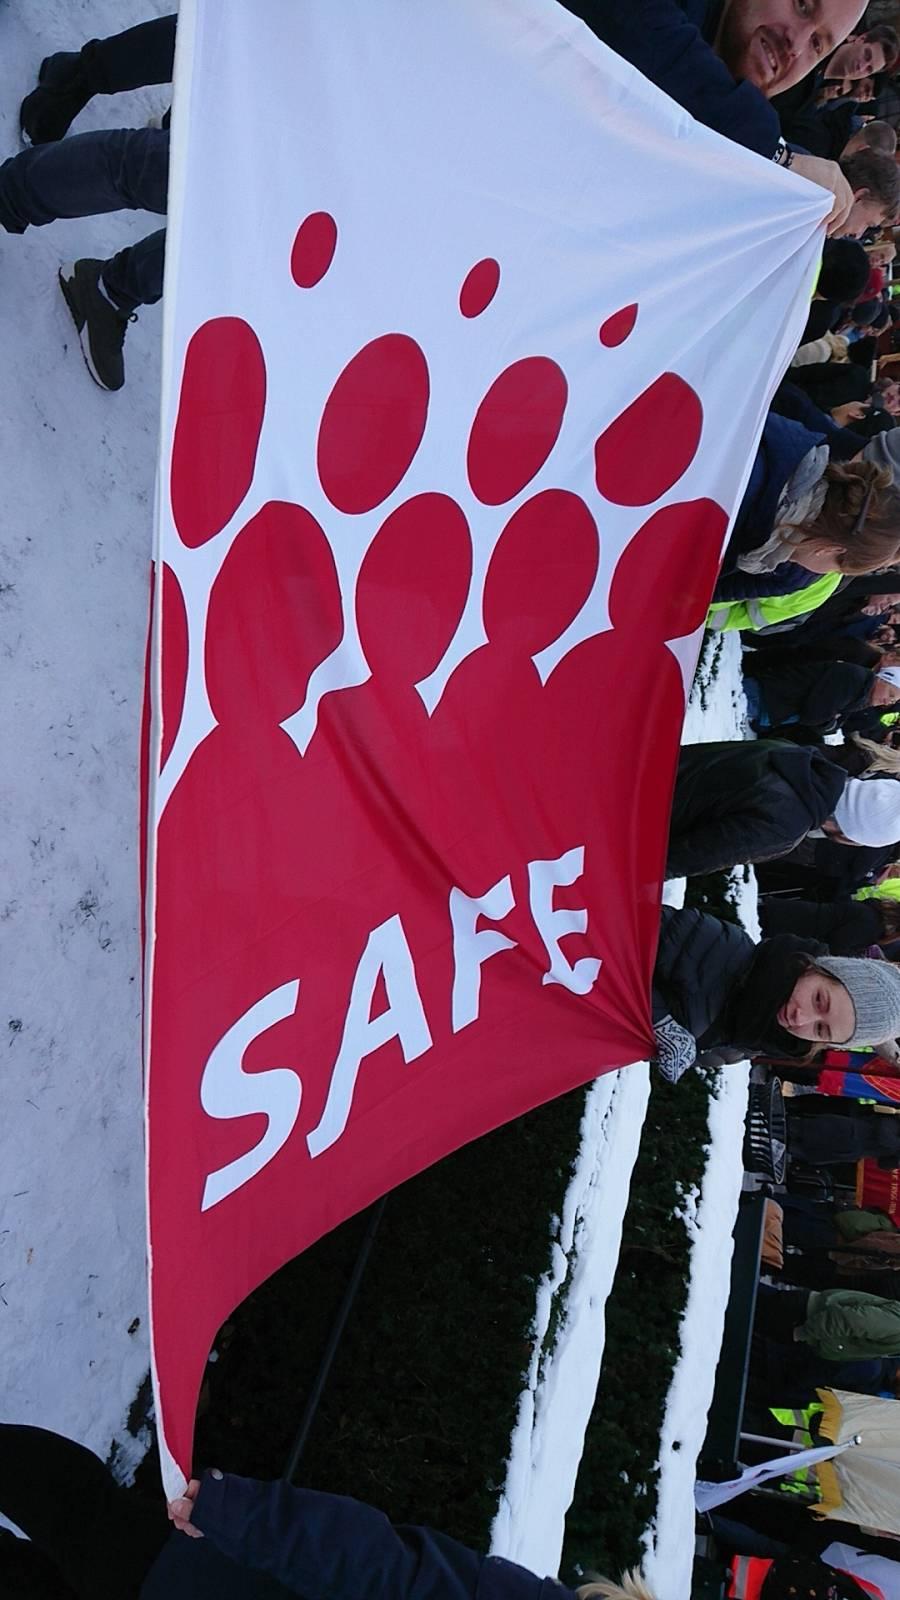 SAFE-flagget er med